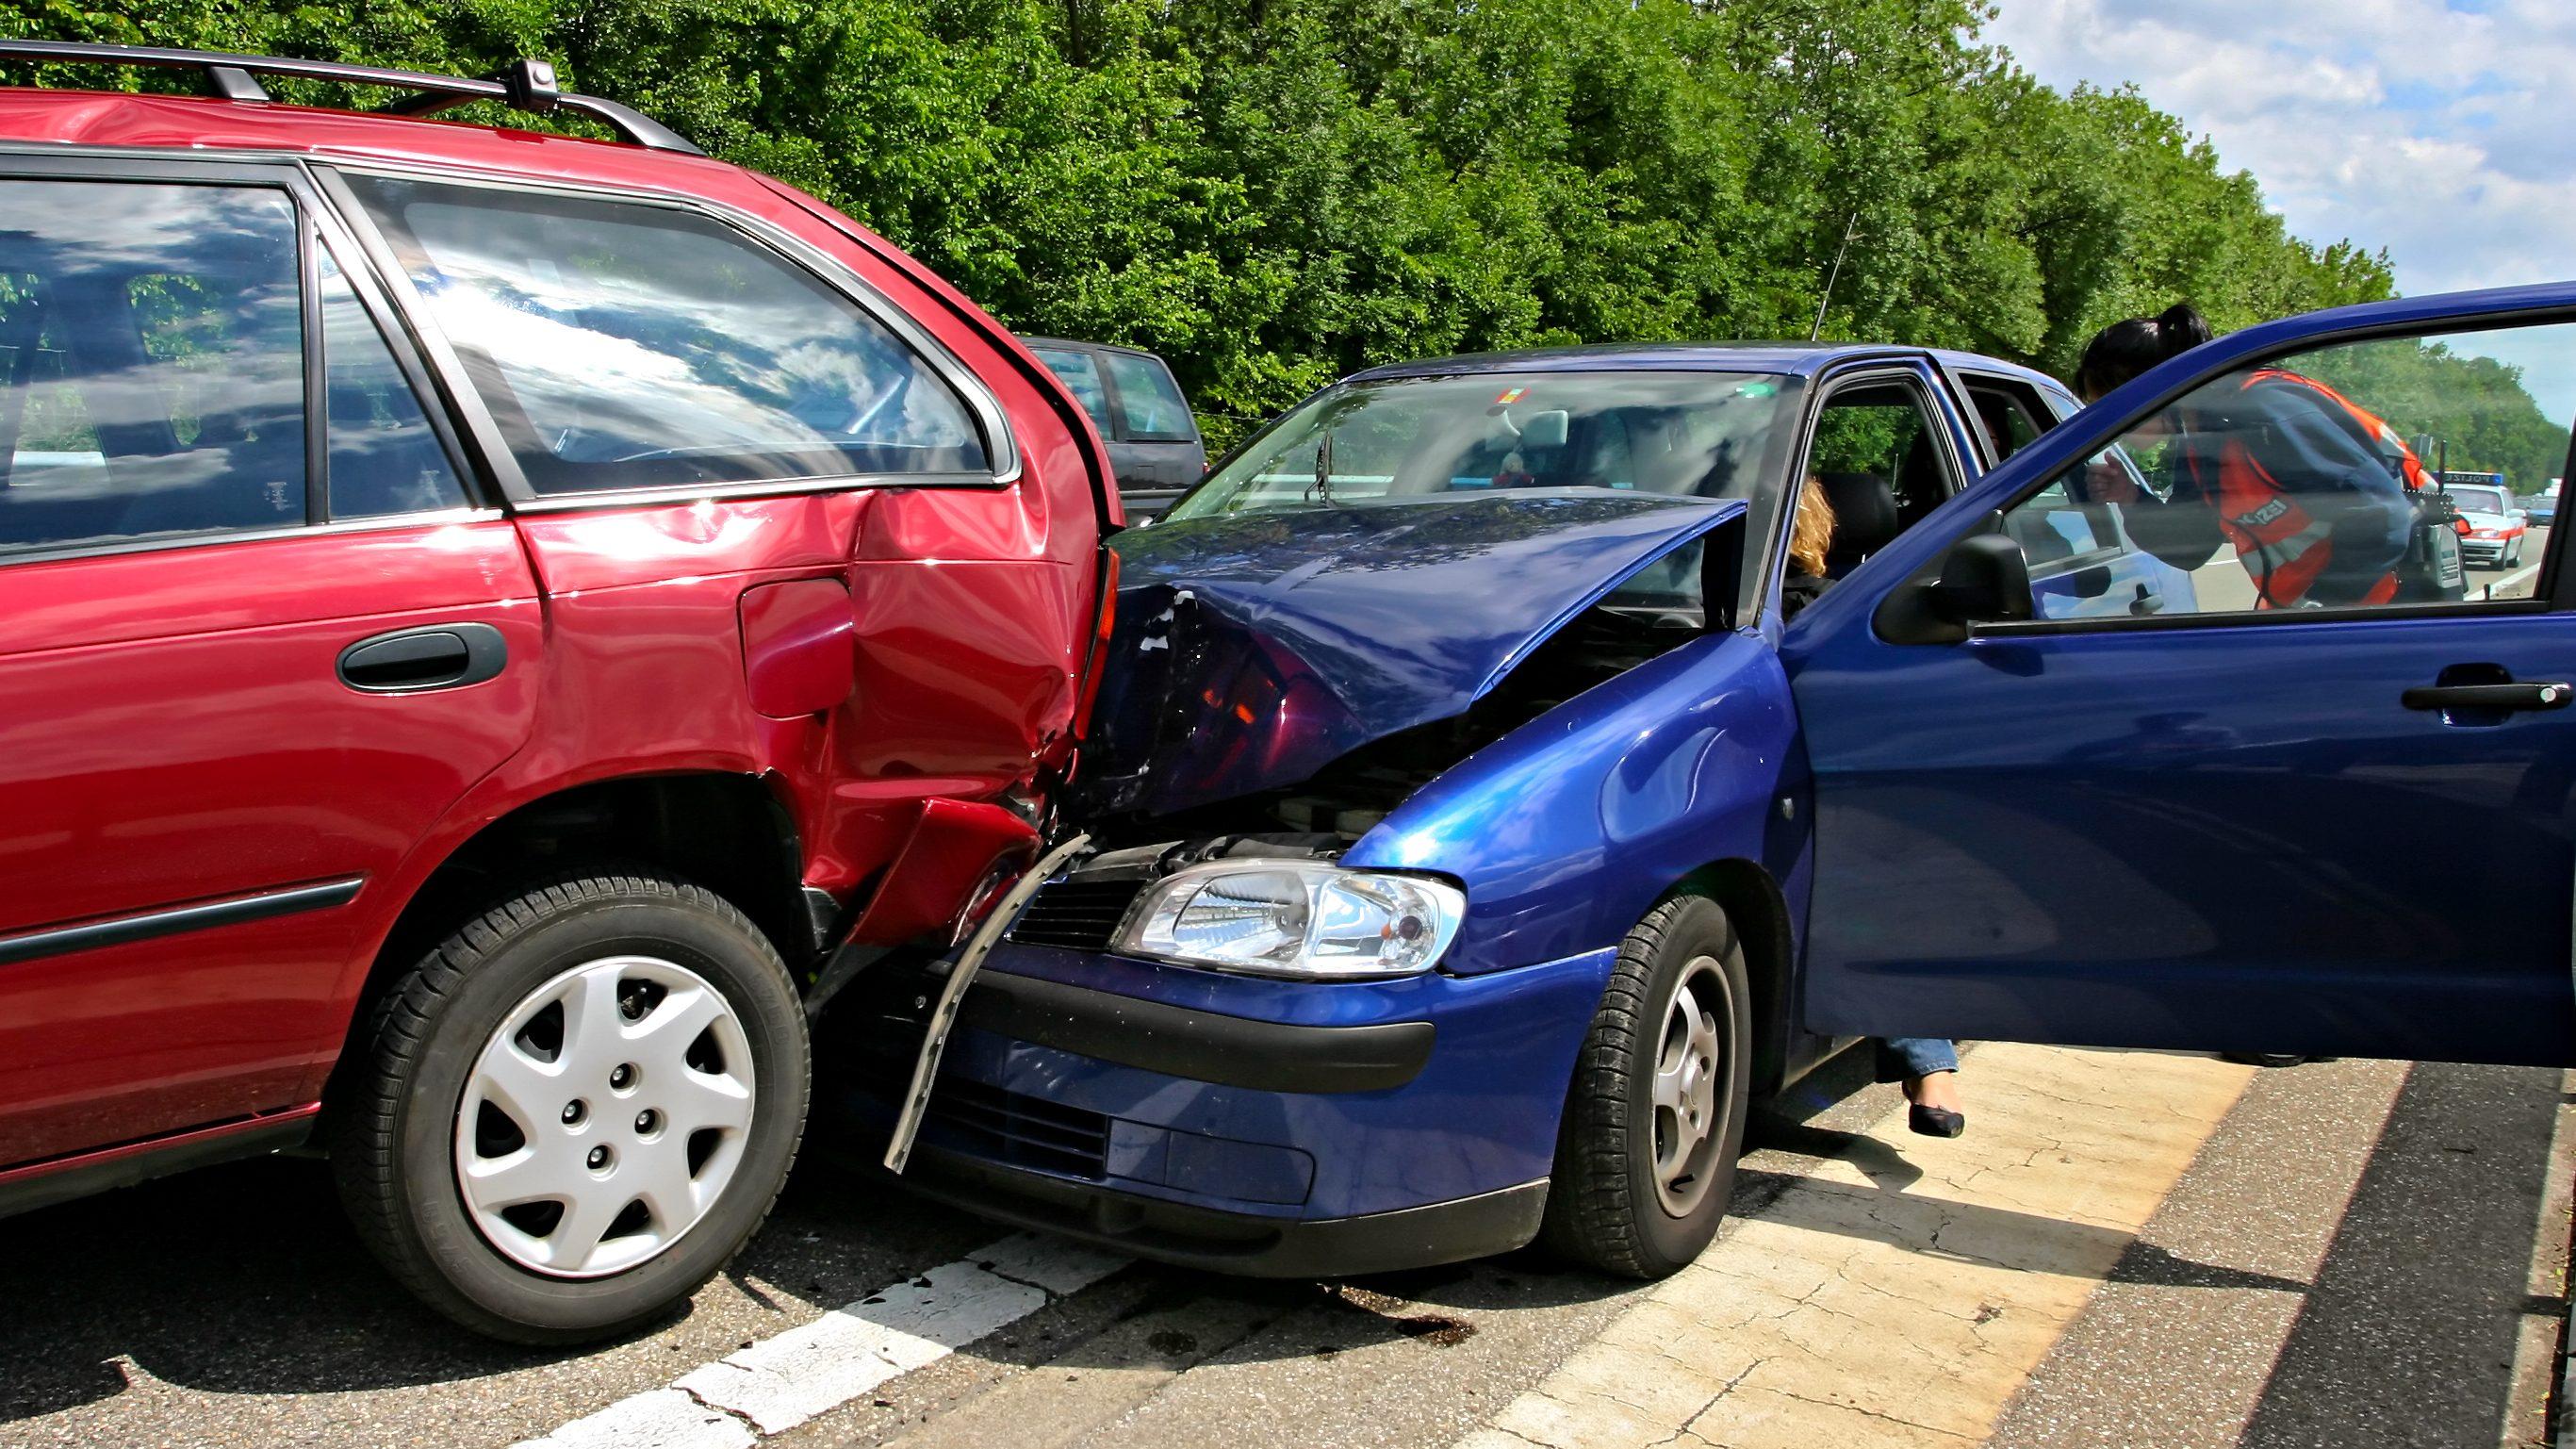 """ועדת הכלכלה בדיון על תאונות הדרכים: עלייה של 40% בהרוגים למיליארד ק""""מ"""